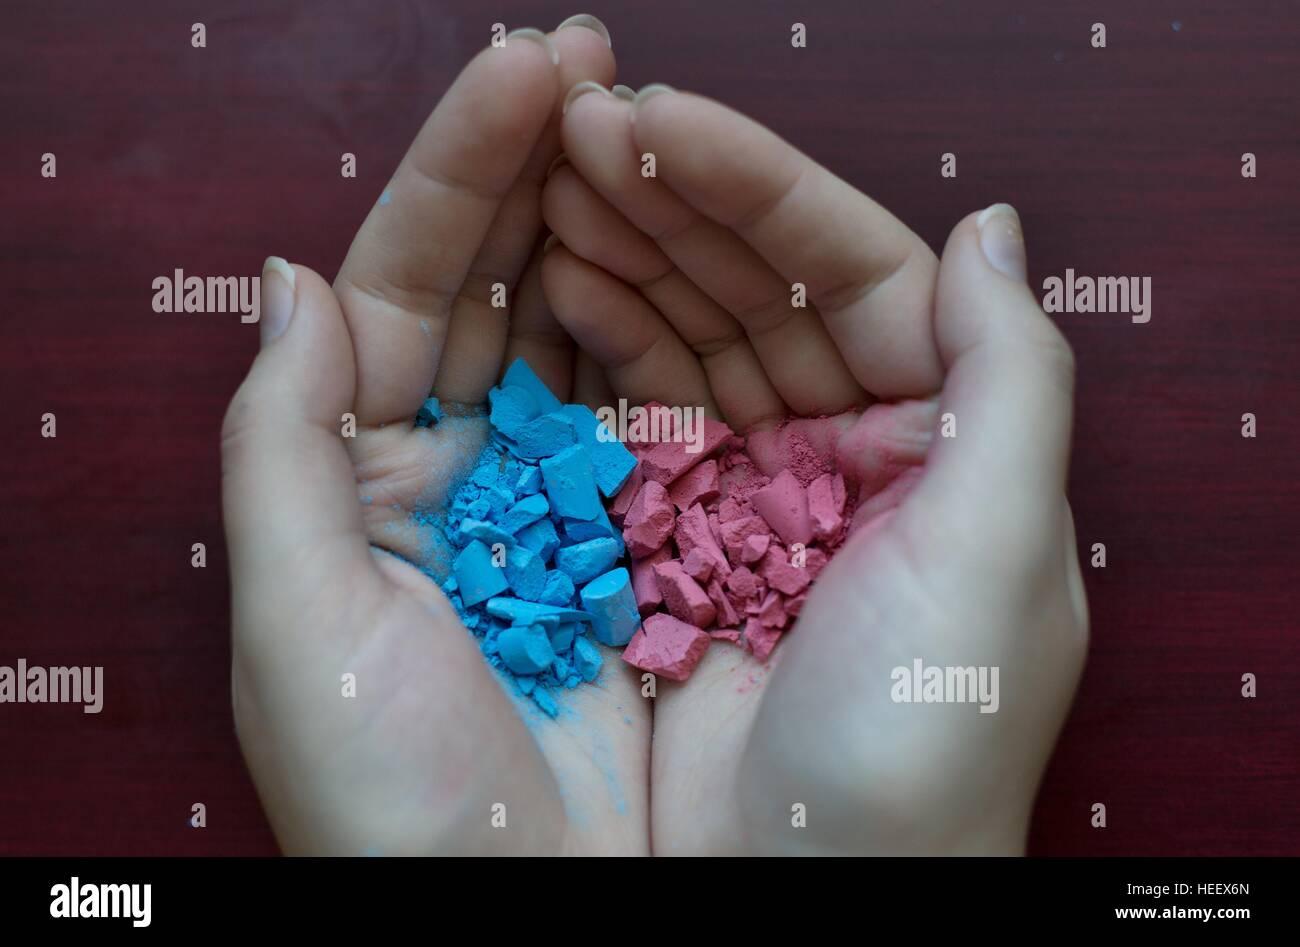 Hohlen Händen mit rosa und blauen zerbröckelte Kreide. Stockbild